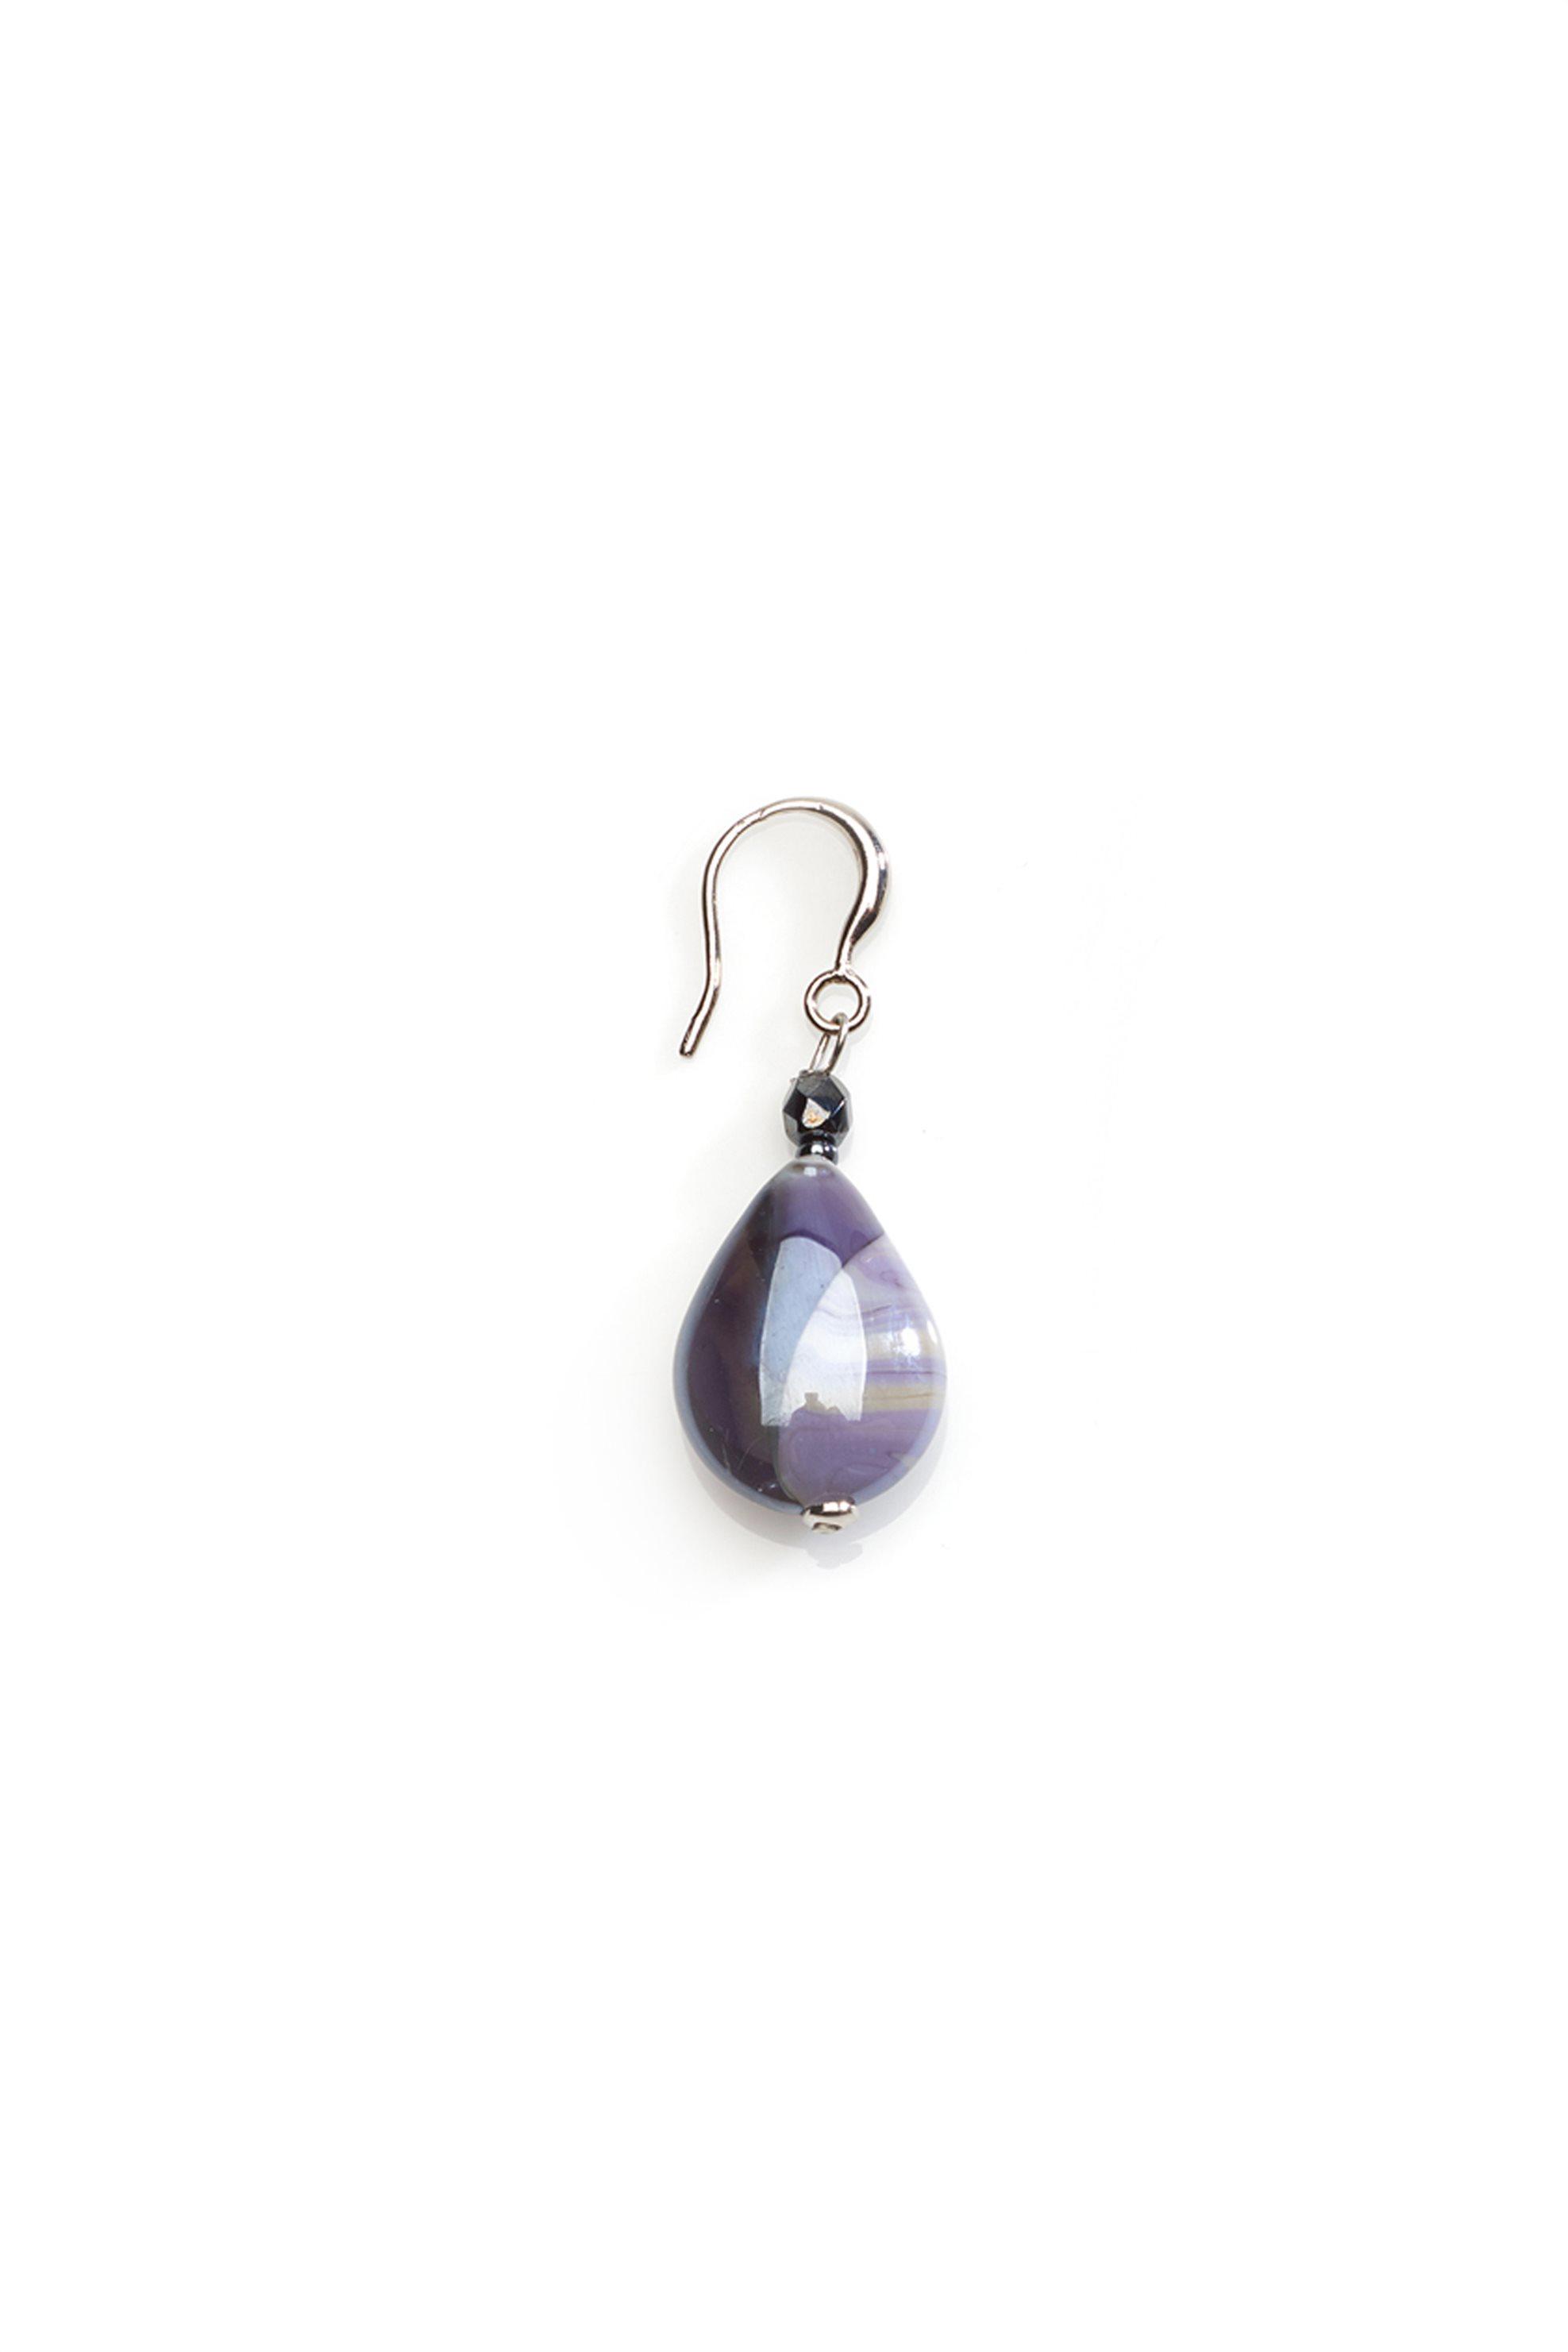 Χειροποίητα μικρά κρεμαστά σκουλαρίκια Vignole Basic B από μωβ γυαλί Μουράνο Ant γυναικα   αξεσουαρ   κοσμήματα   σκουλαρίκια